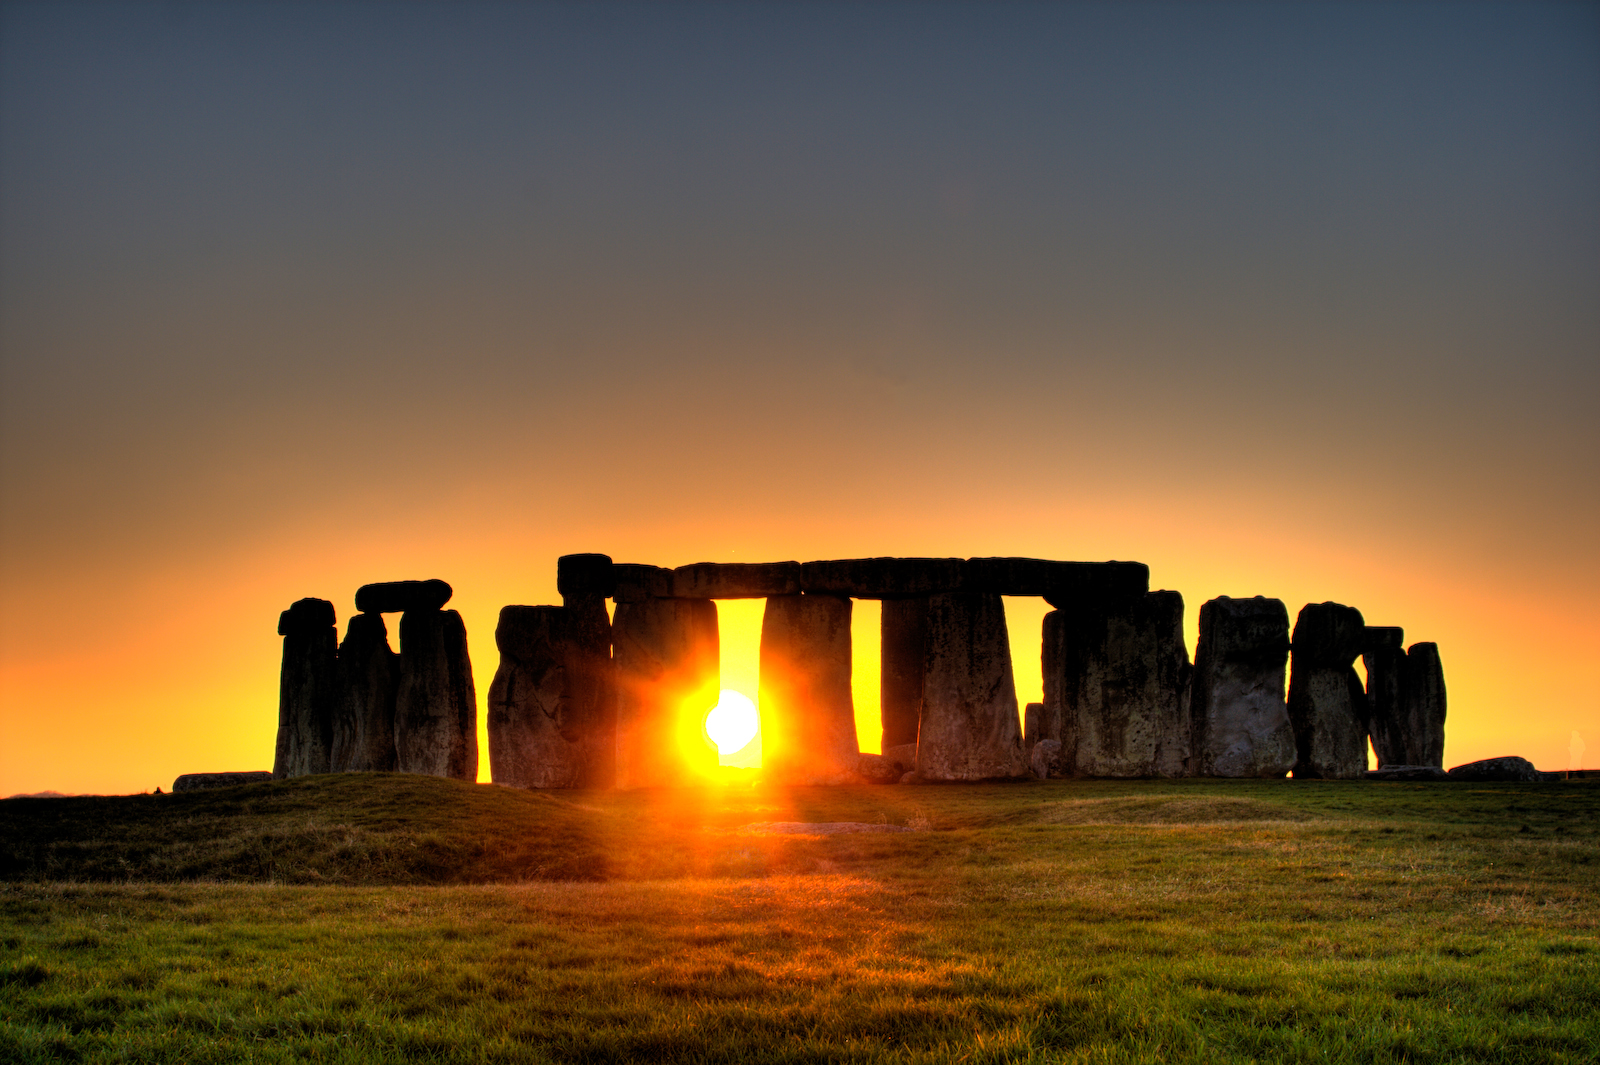 Stonehenge, monumento megalítico da Idade do Bronze, usado para estudos astronômicos e religiosos.